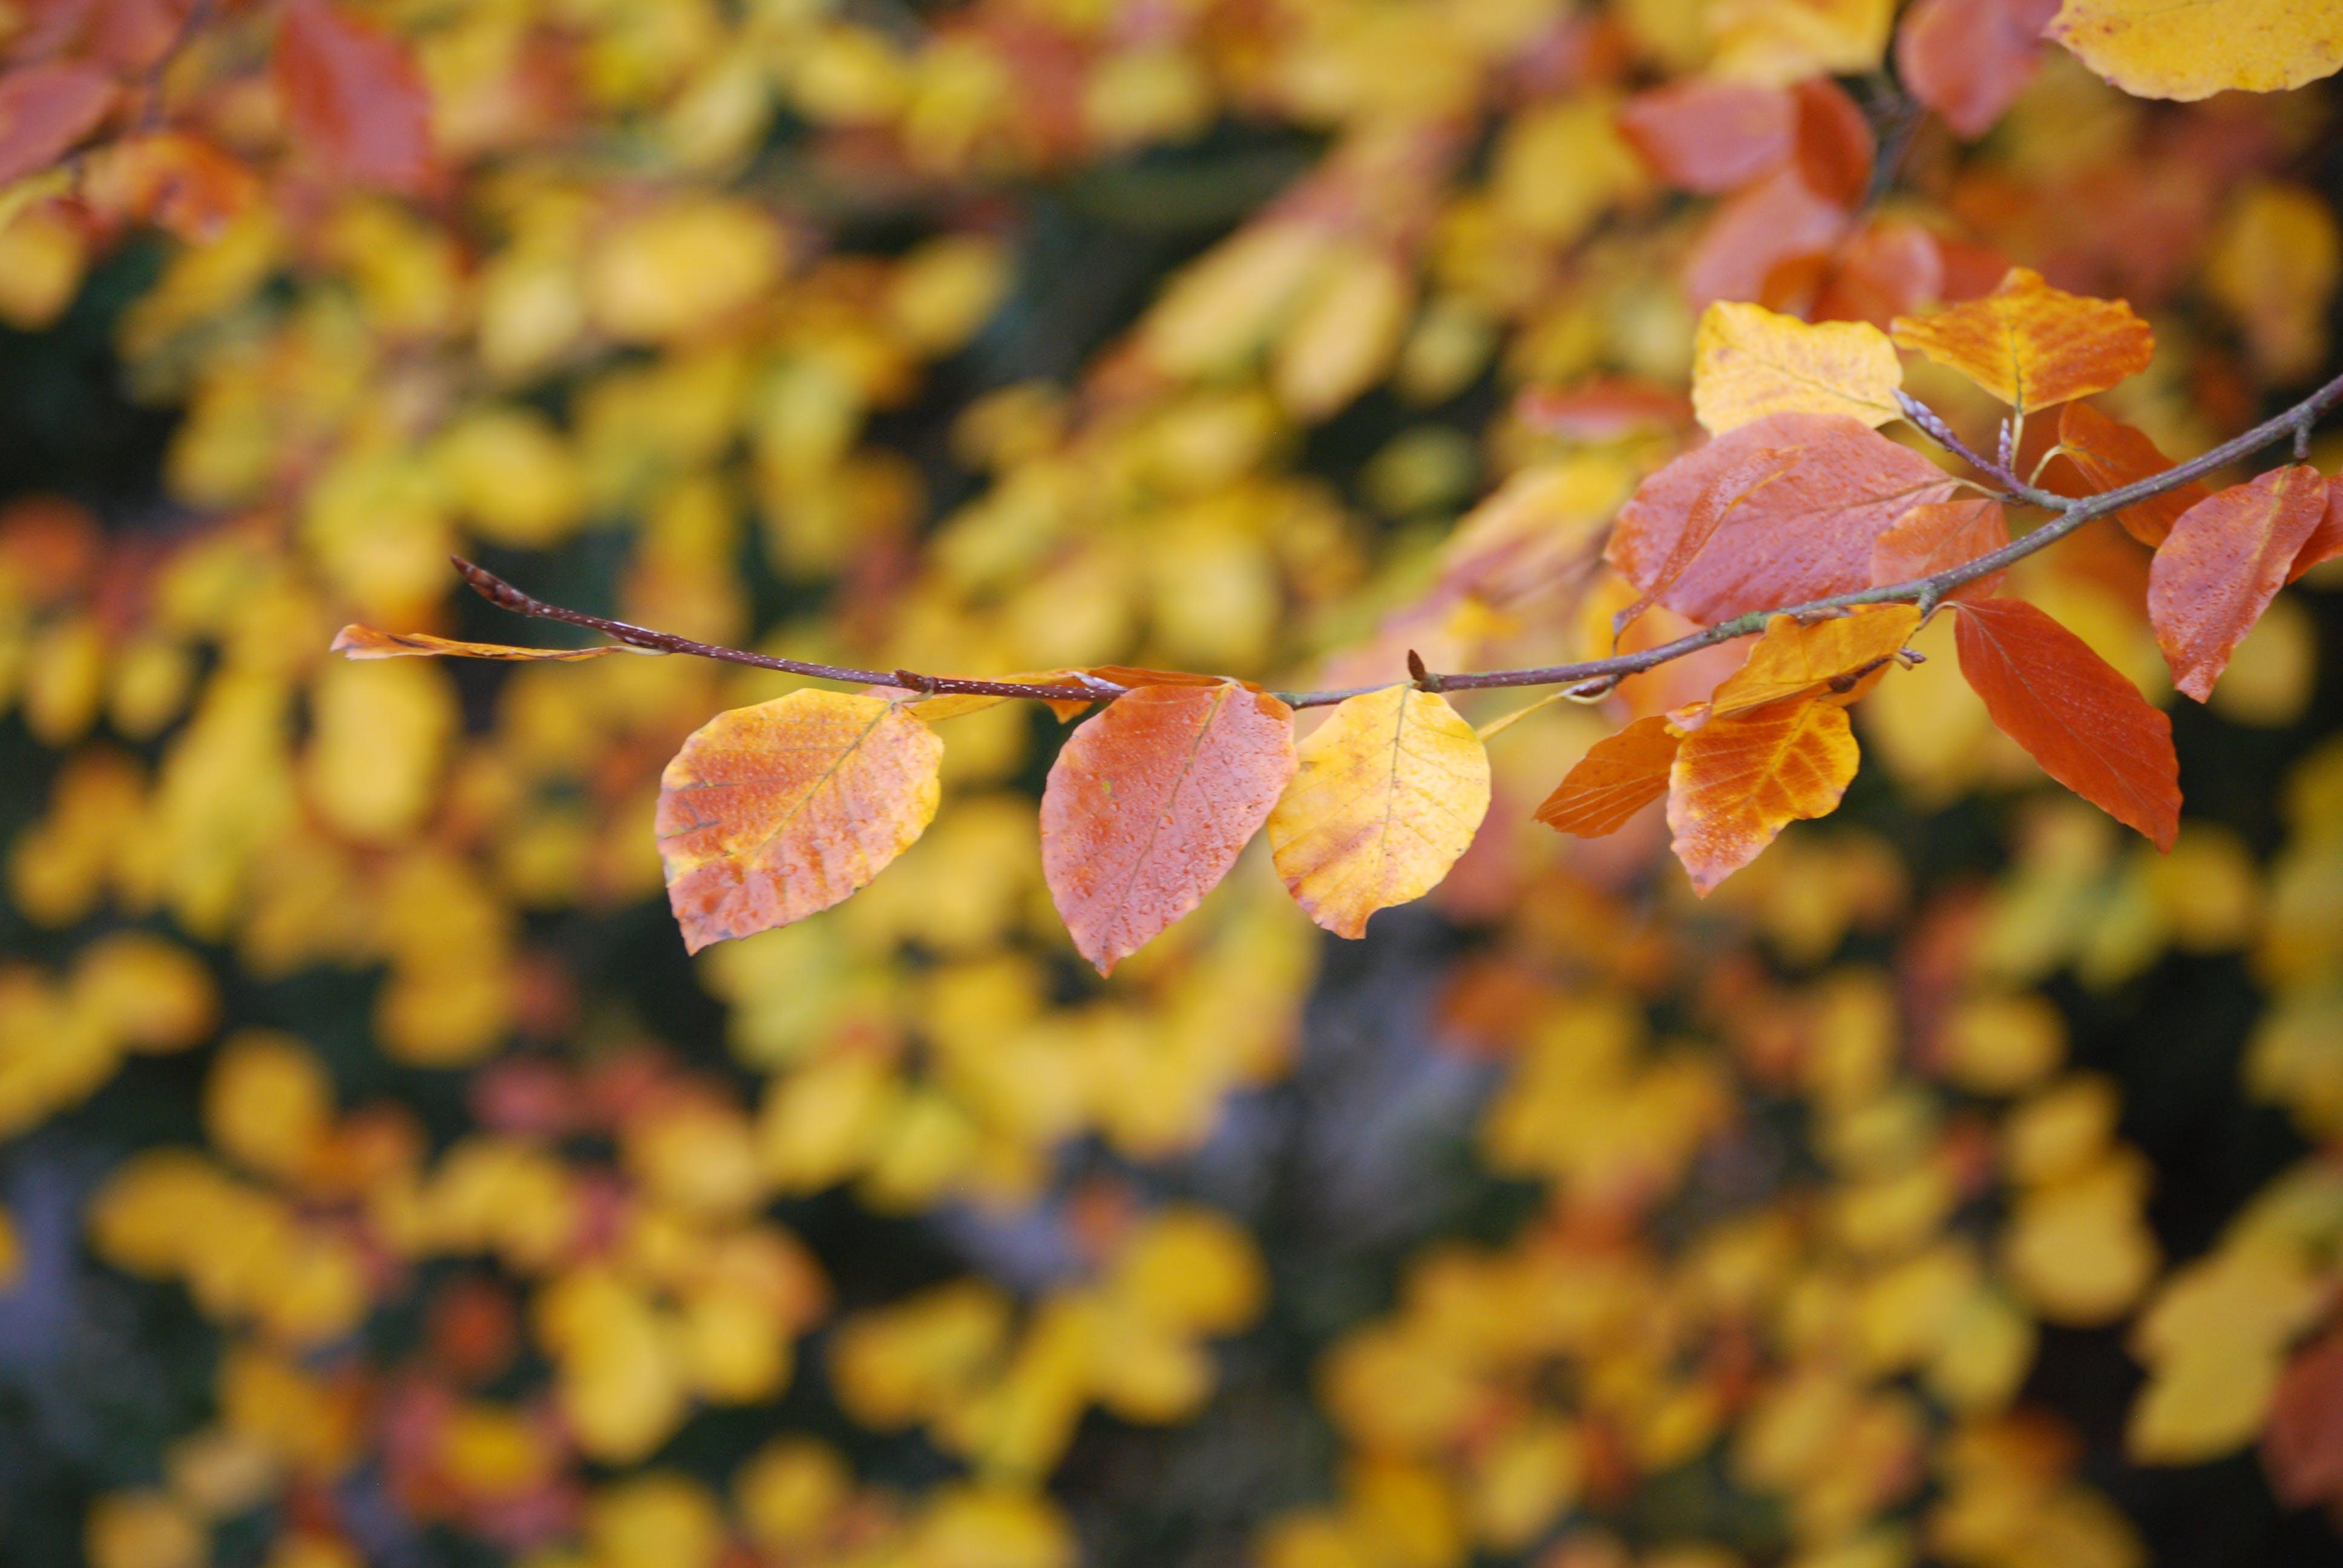 appelsin, close-up, efterårsblade